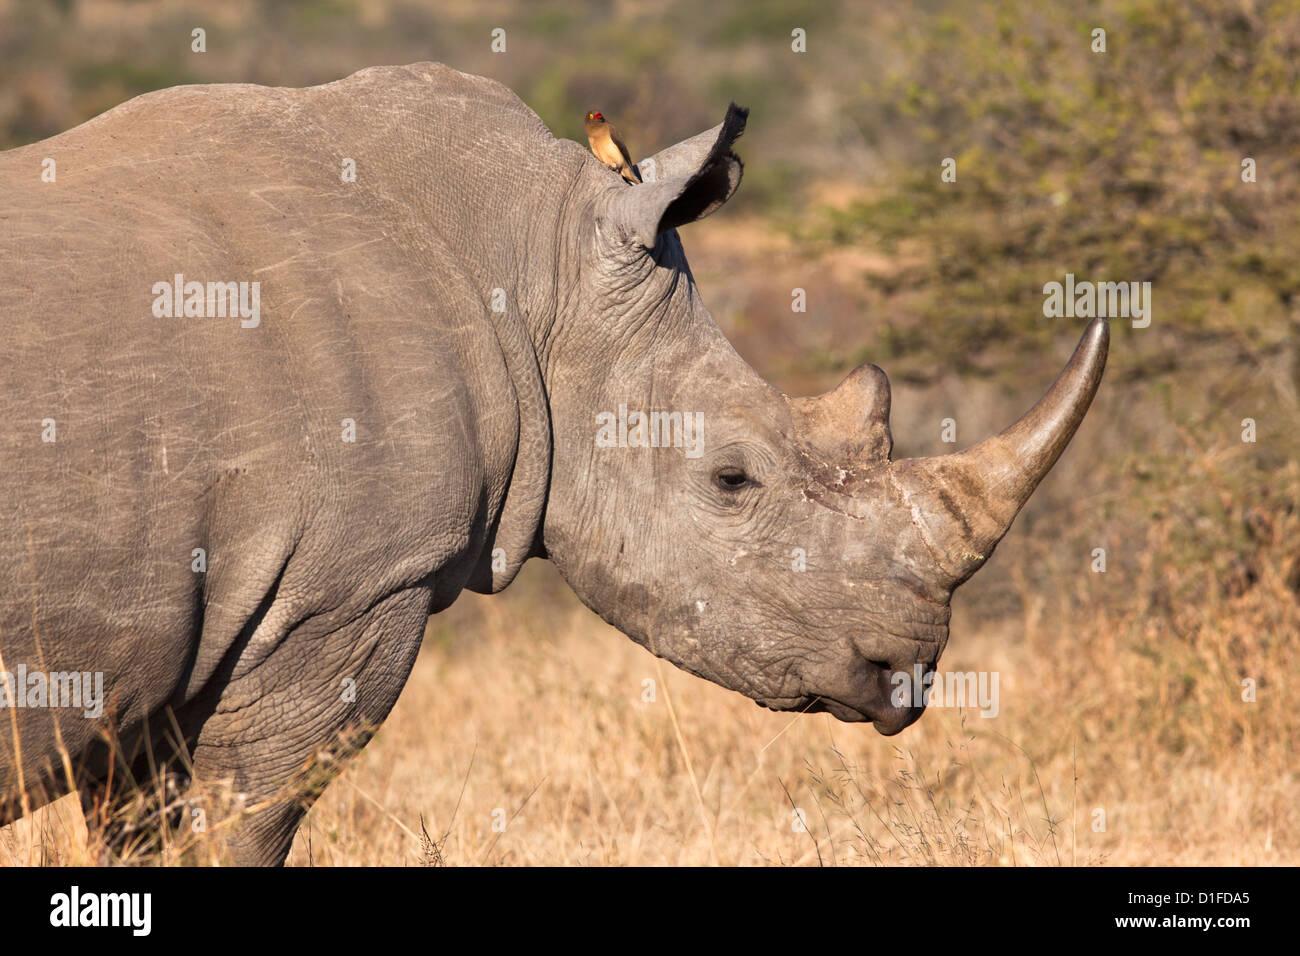 White rhino (Ceratotherium simum), Imfolozi game reserve, KwaZulu-Natal, South Africa, Africa Stock Photo